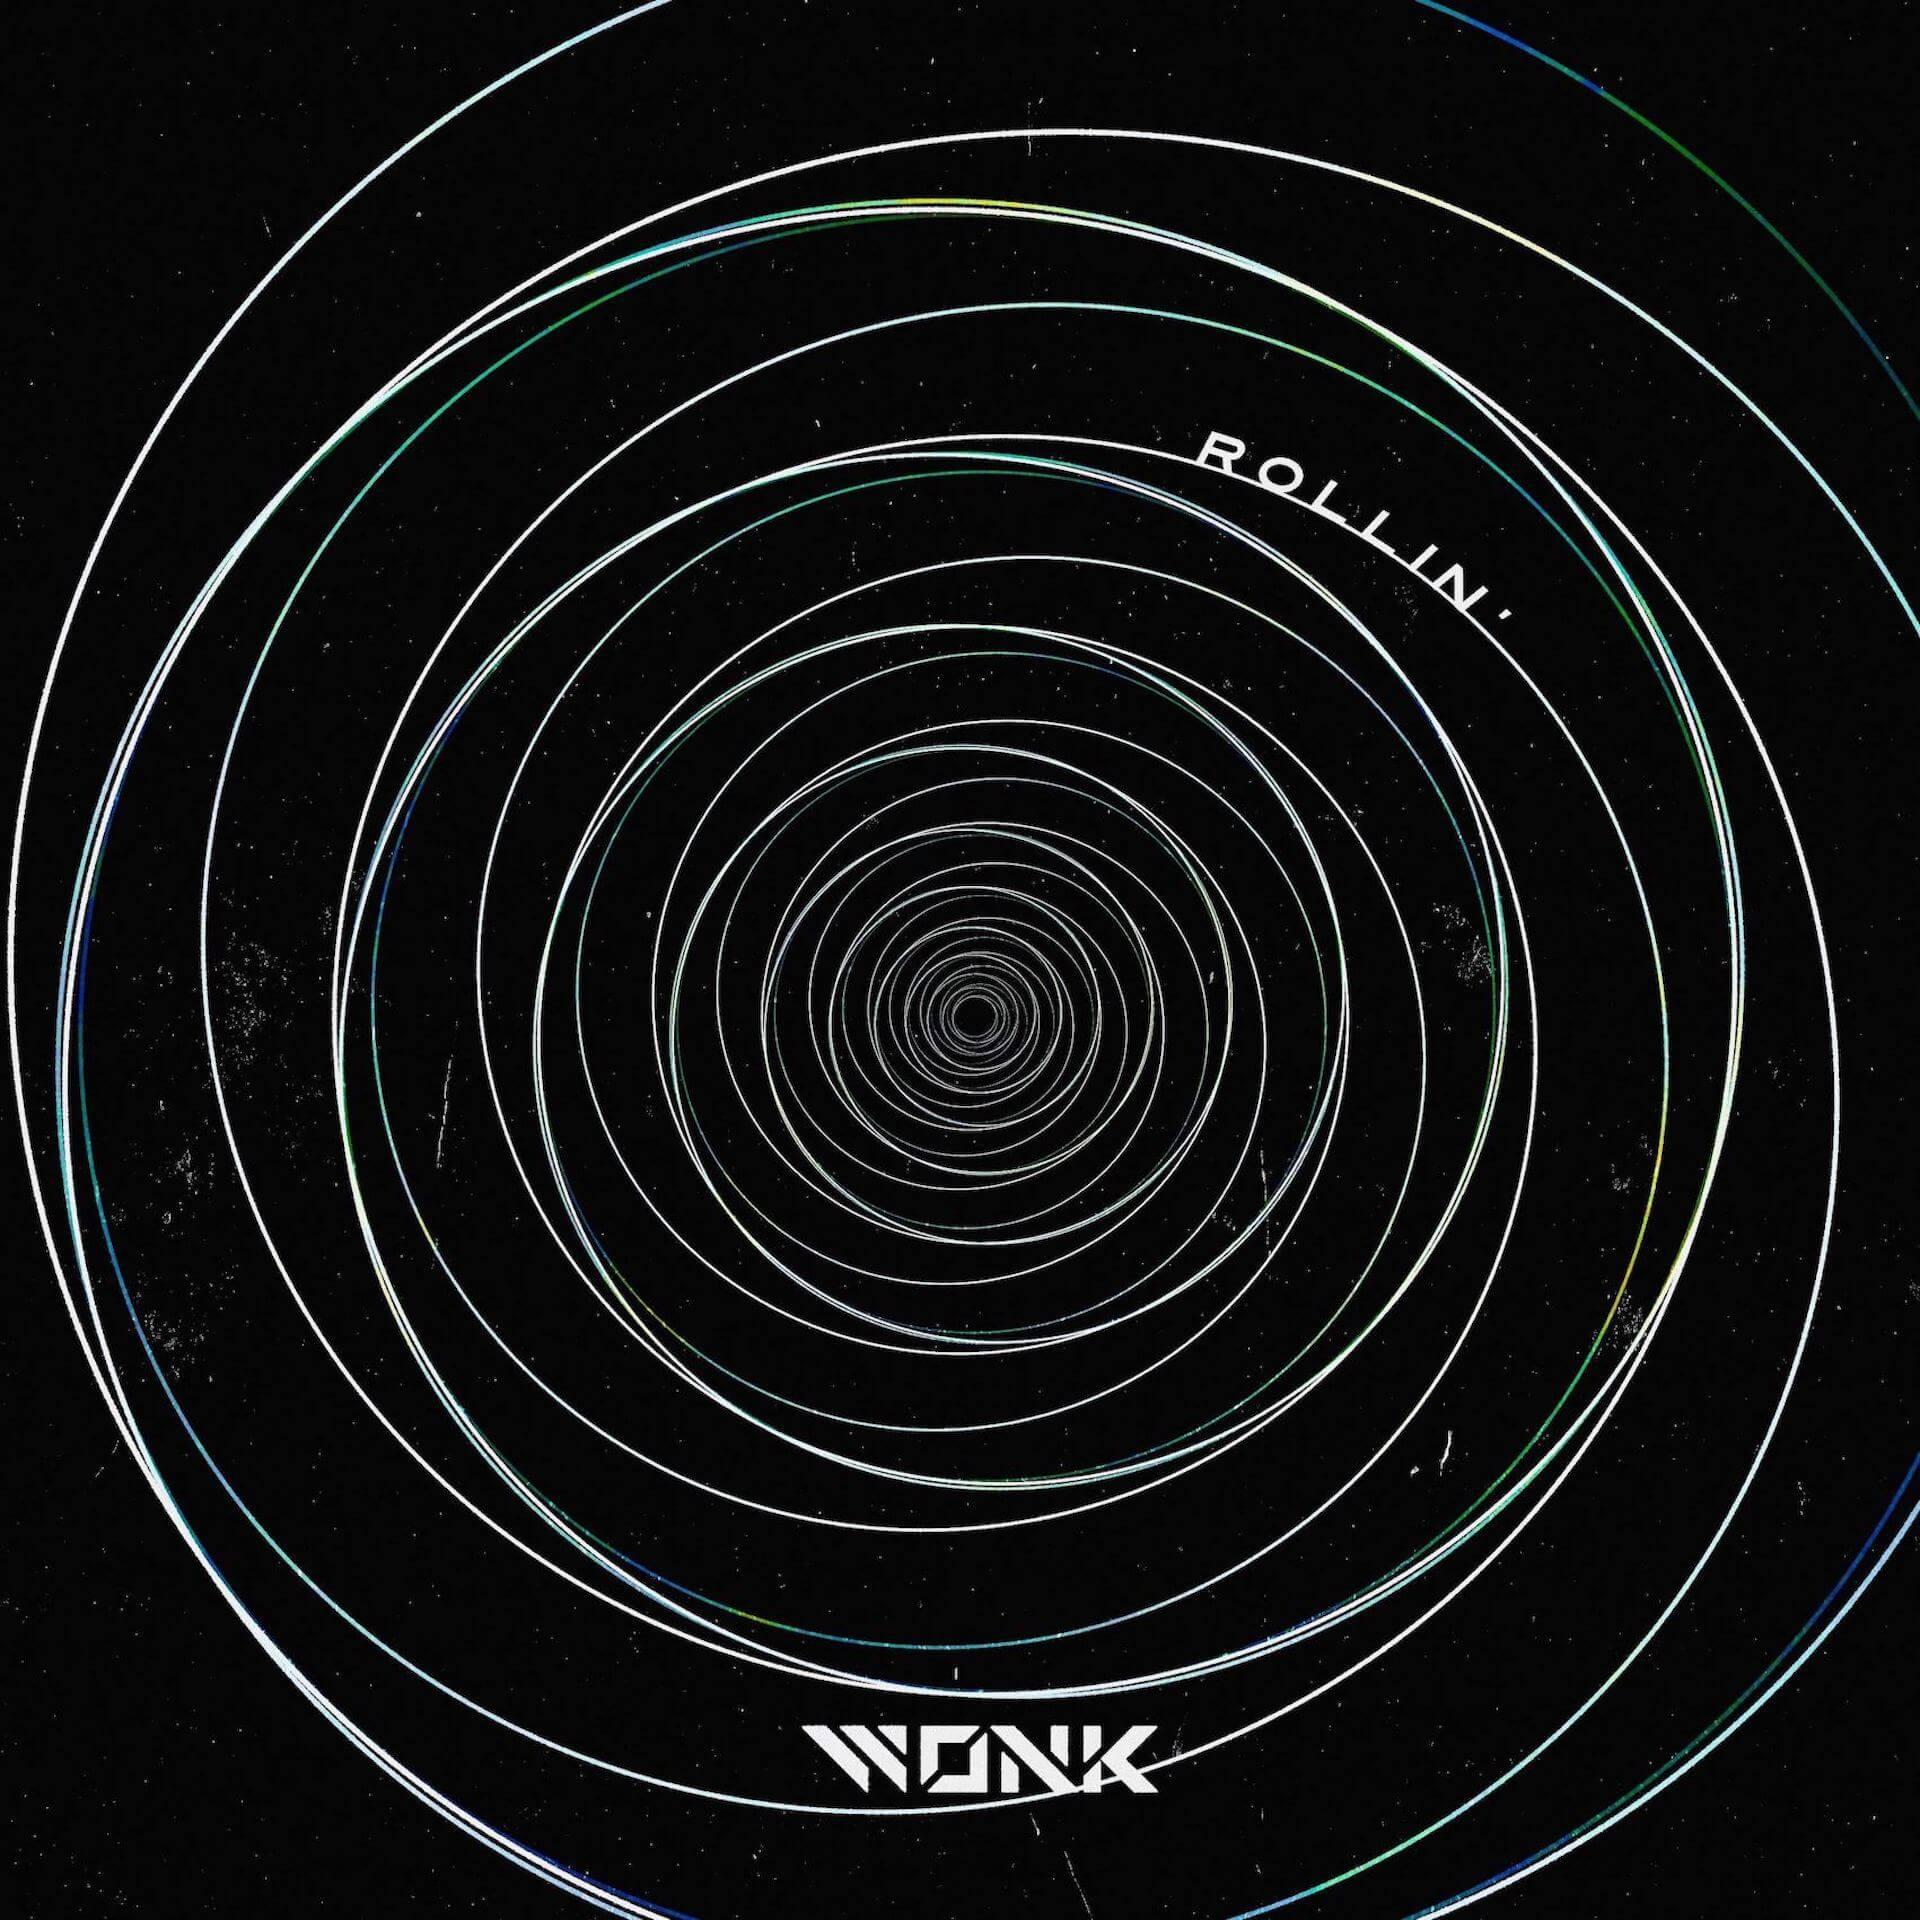 """WONKニューアルバム『EYES』より""""Rollin'""""が先行配信決定!予約限定生産のART BOOKにも注目 music200520_wonk_2"""